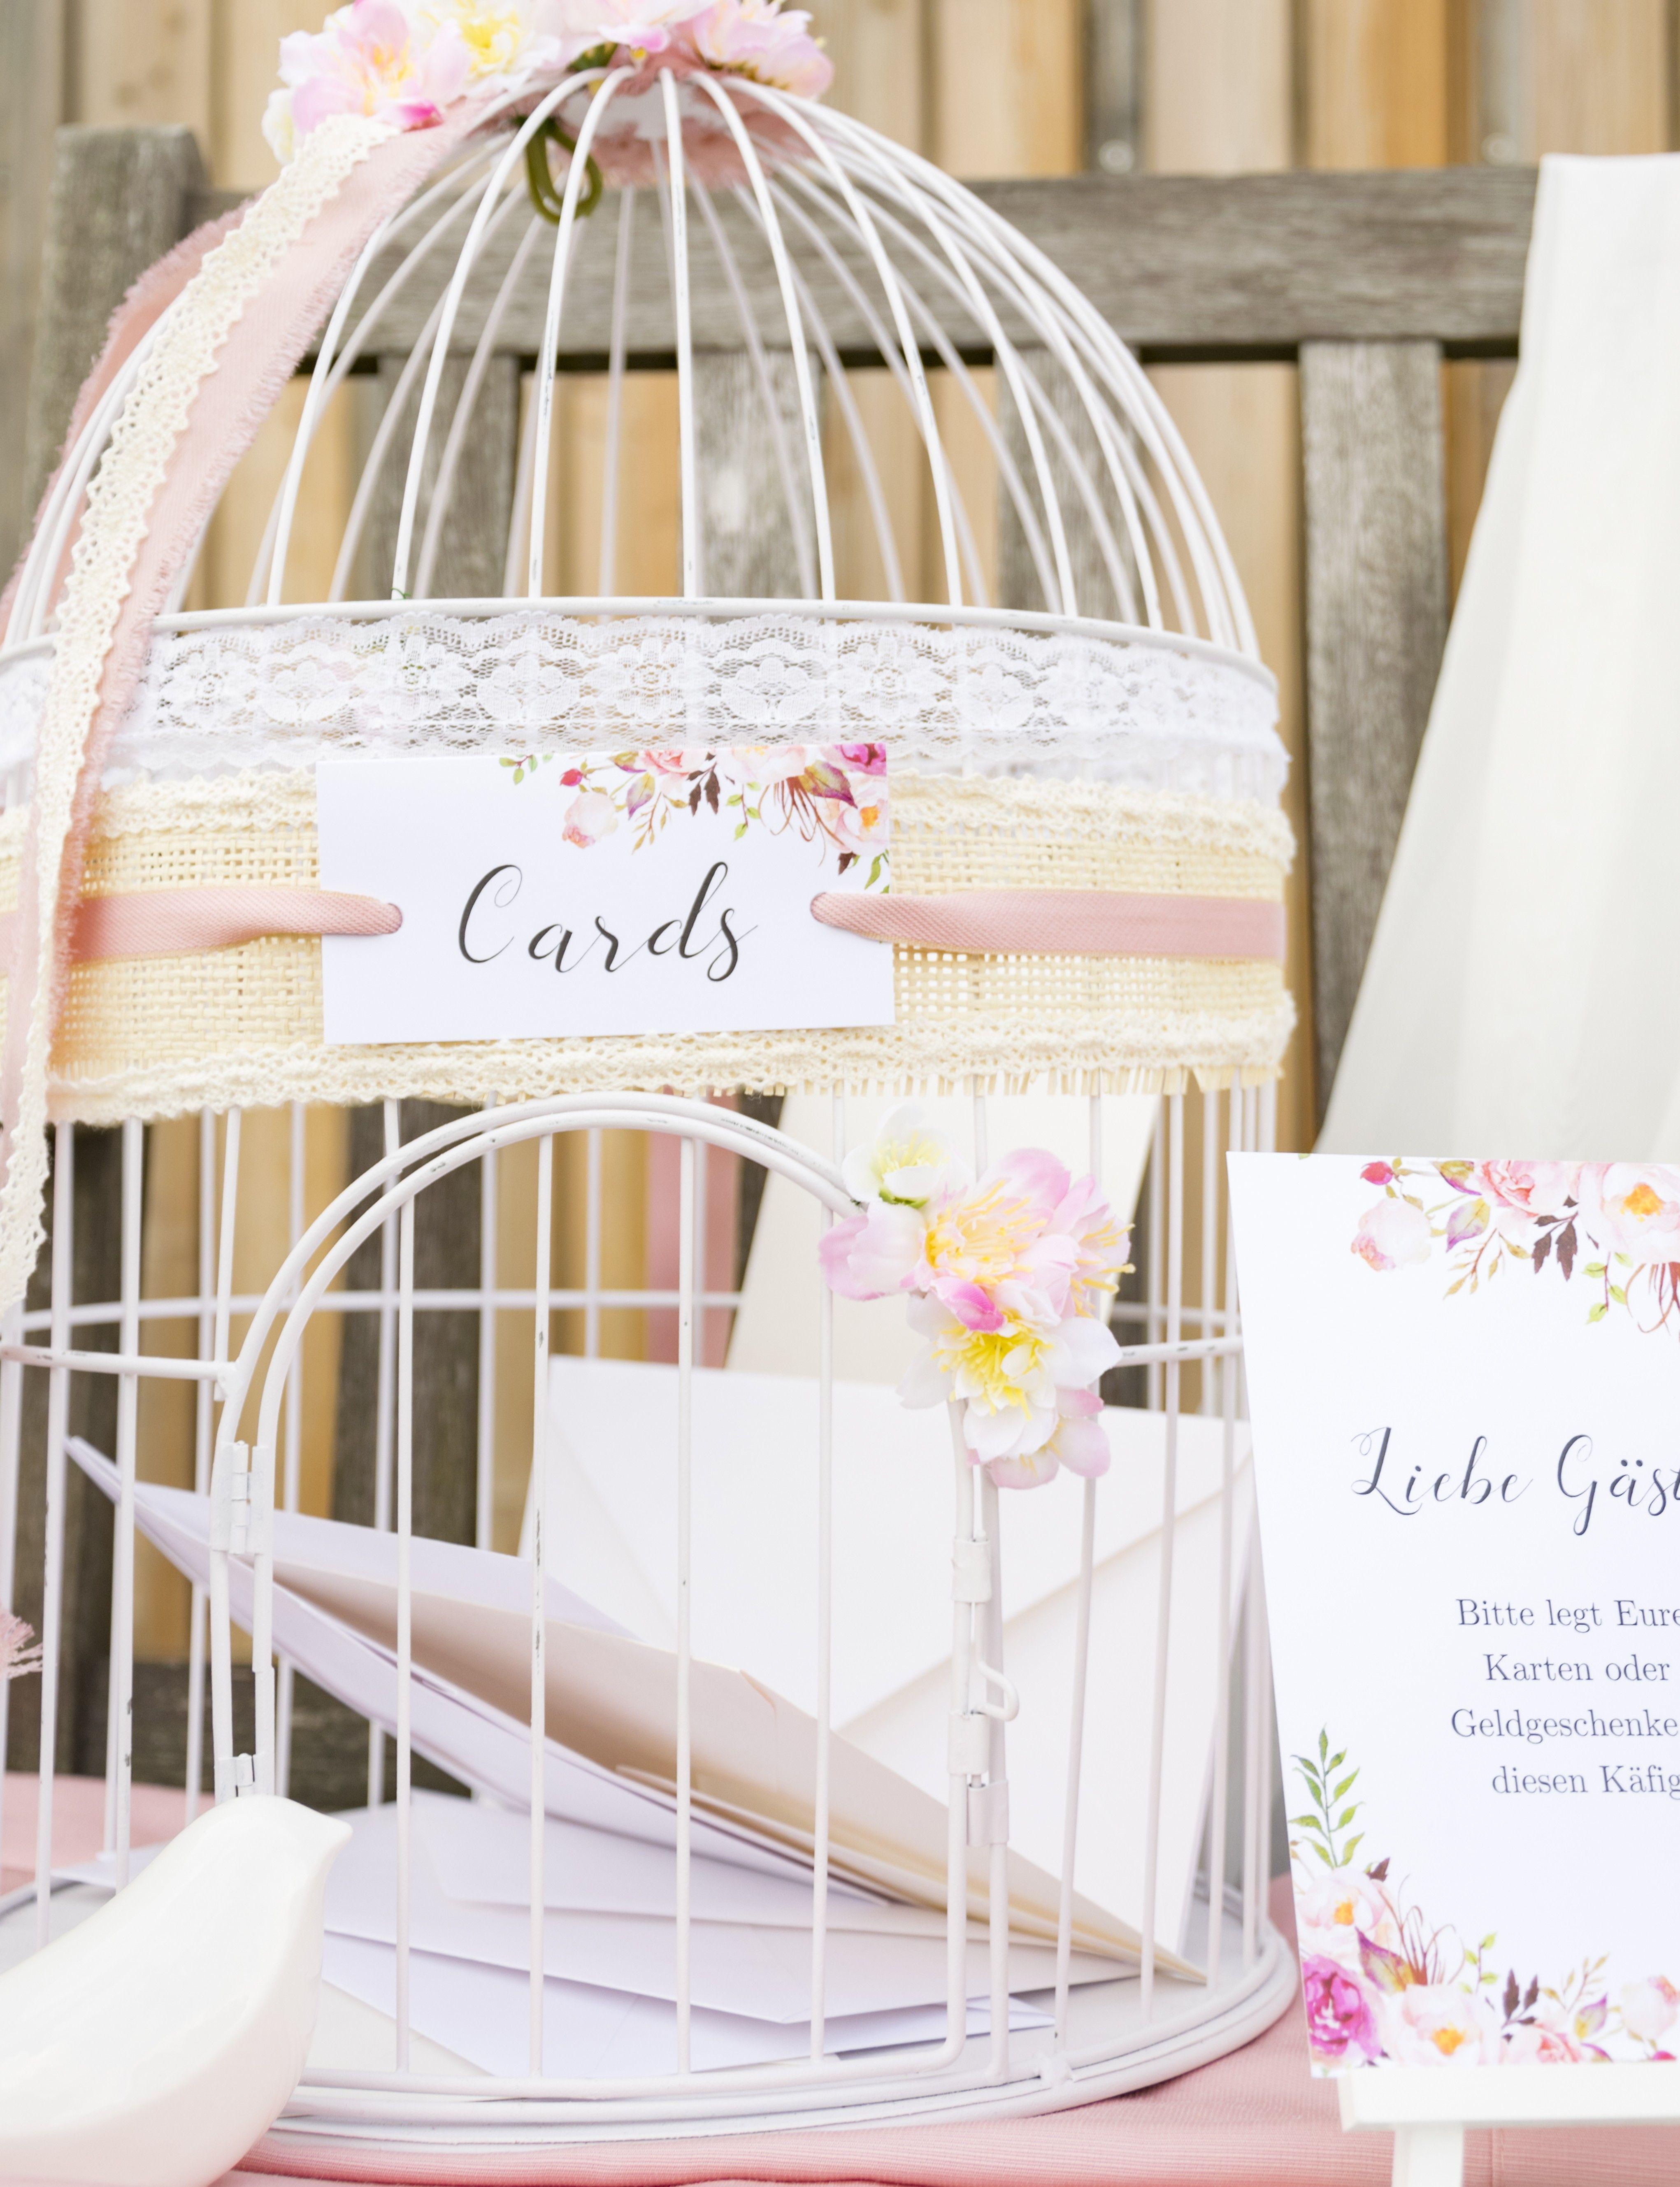 Der Vintage Vogelkfig als Briefbox und die Bitte um